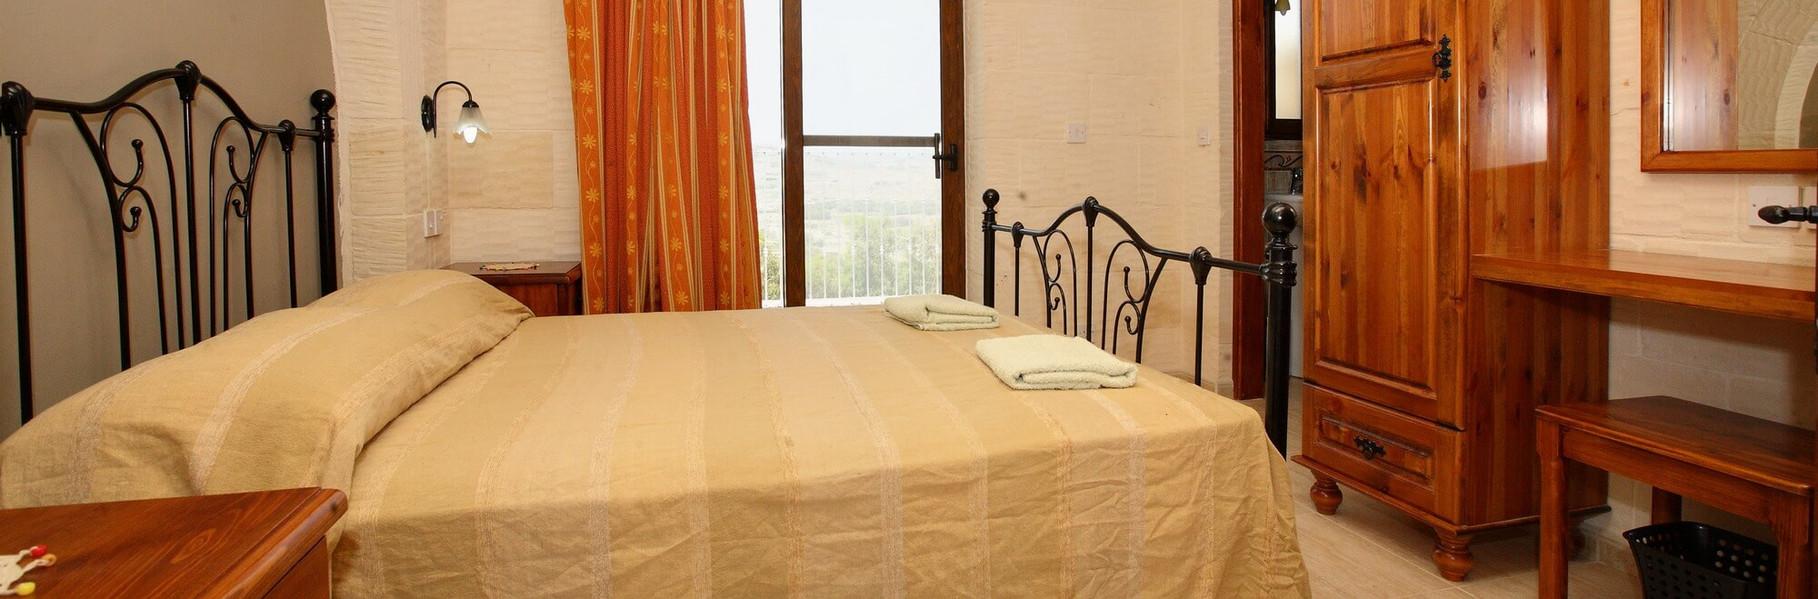 double-bedroom-luc.jpg